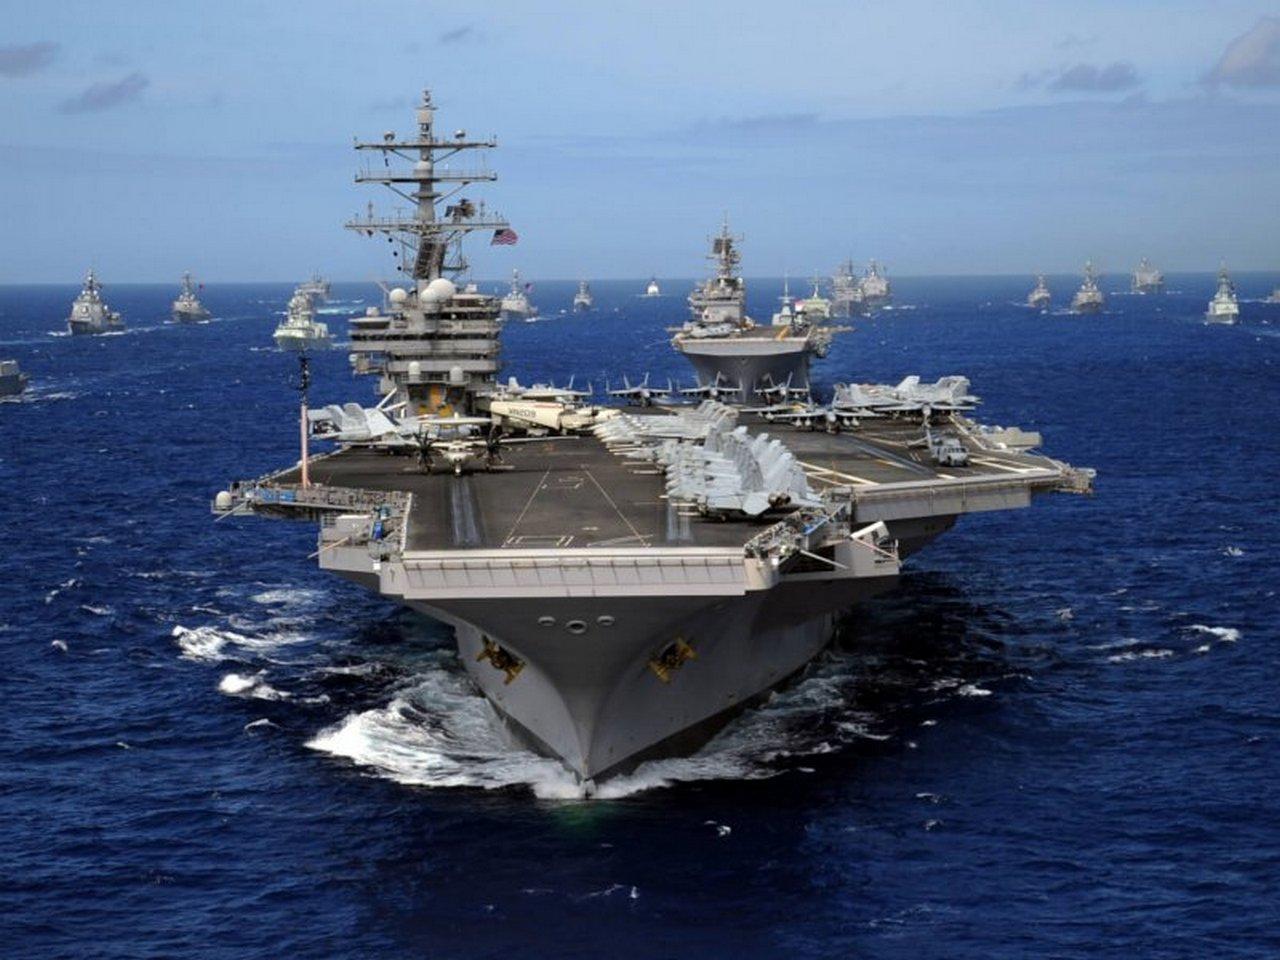 Ракетные контейнеровозы для нужд ВМС: США готовятся к большой войне?